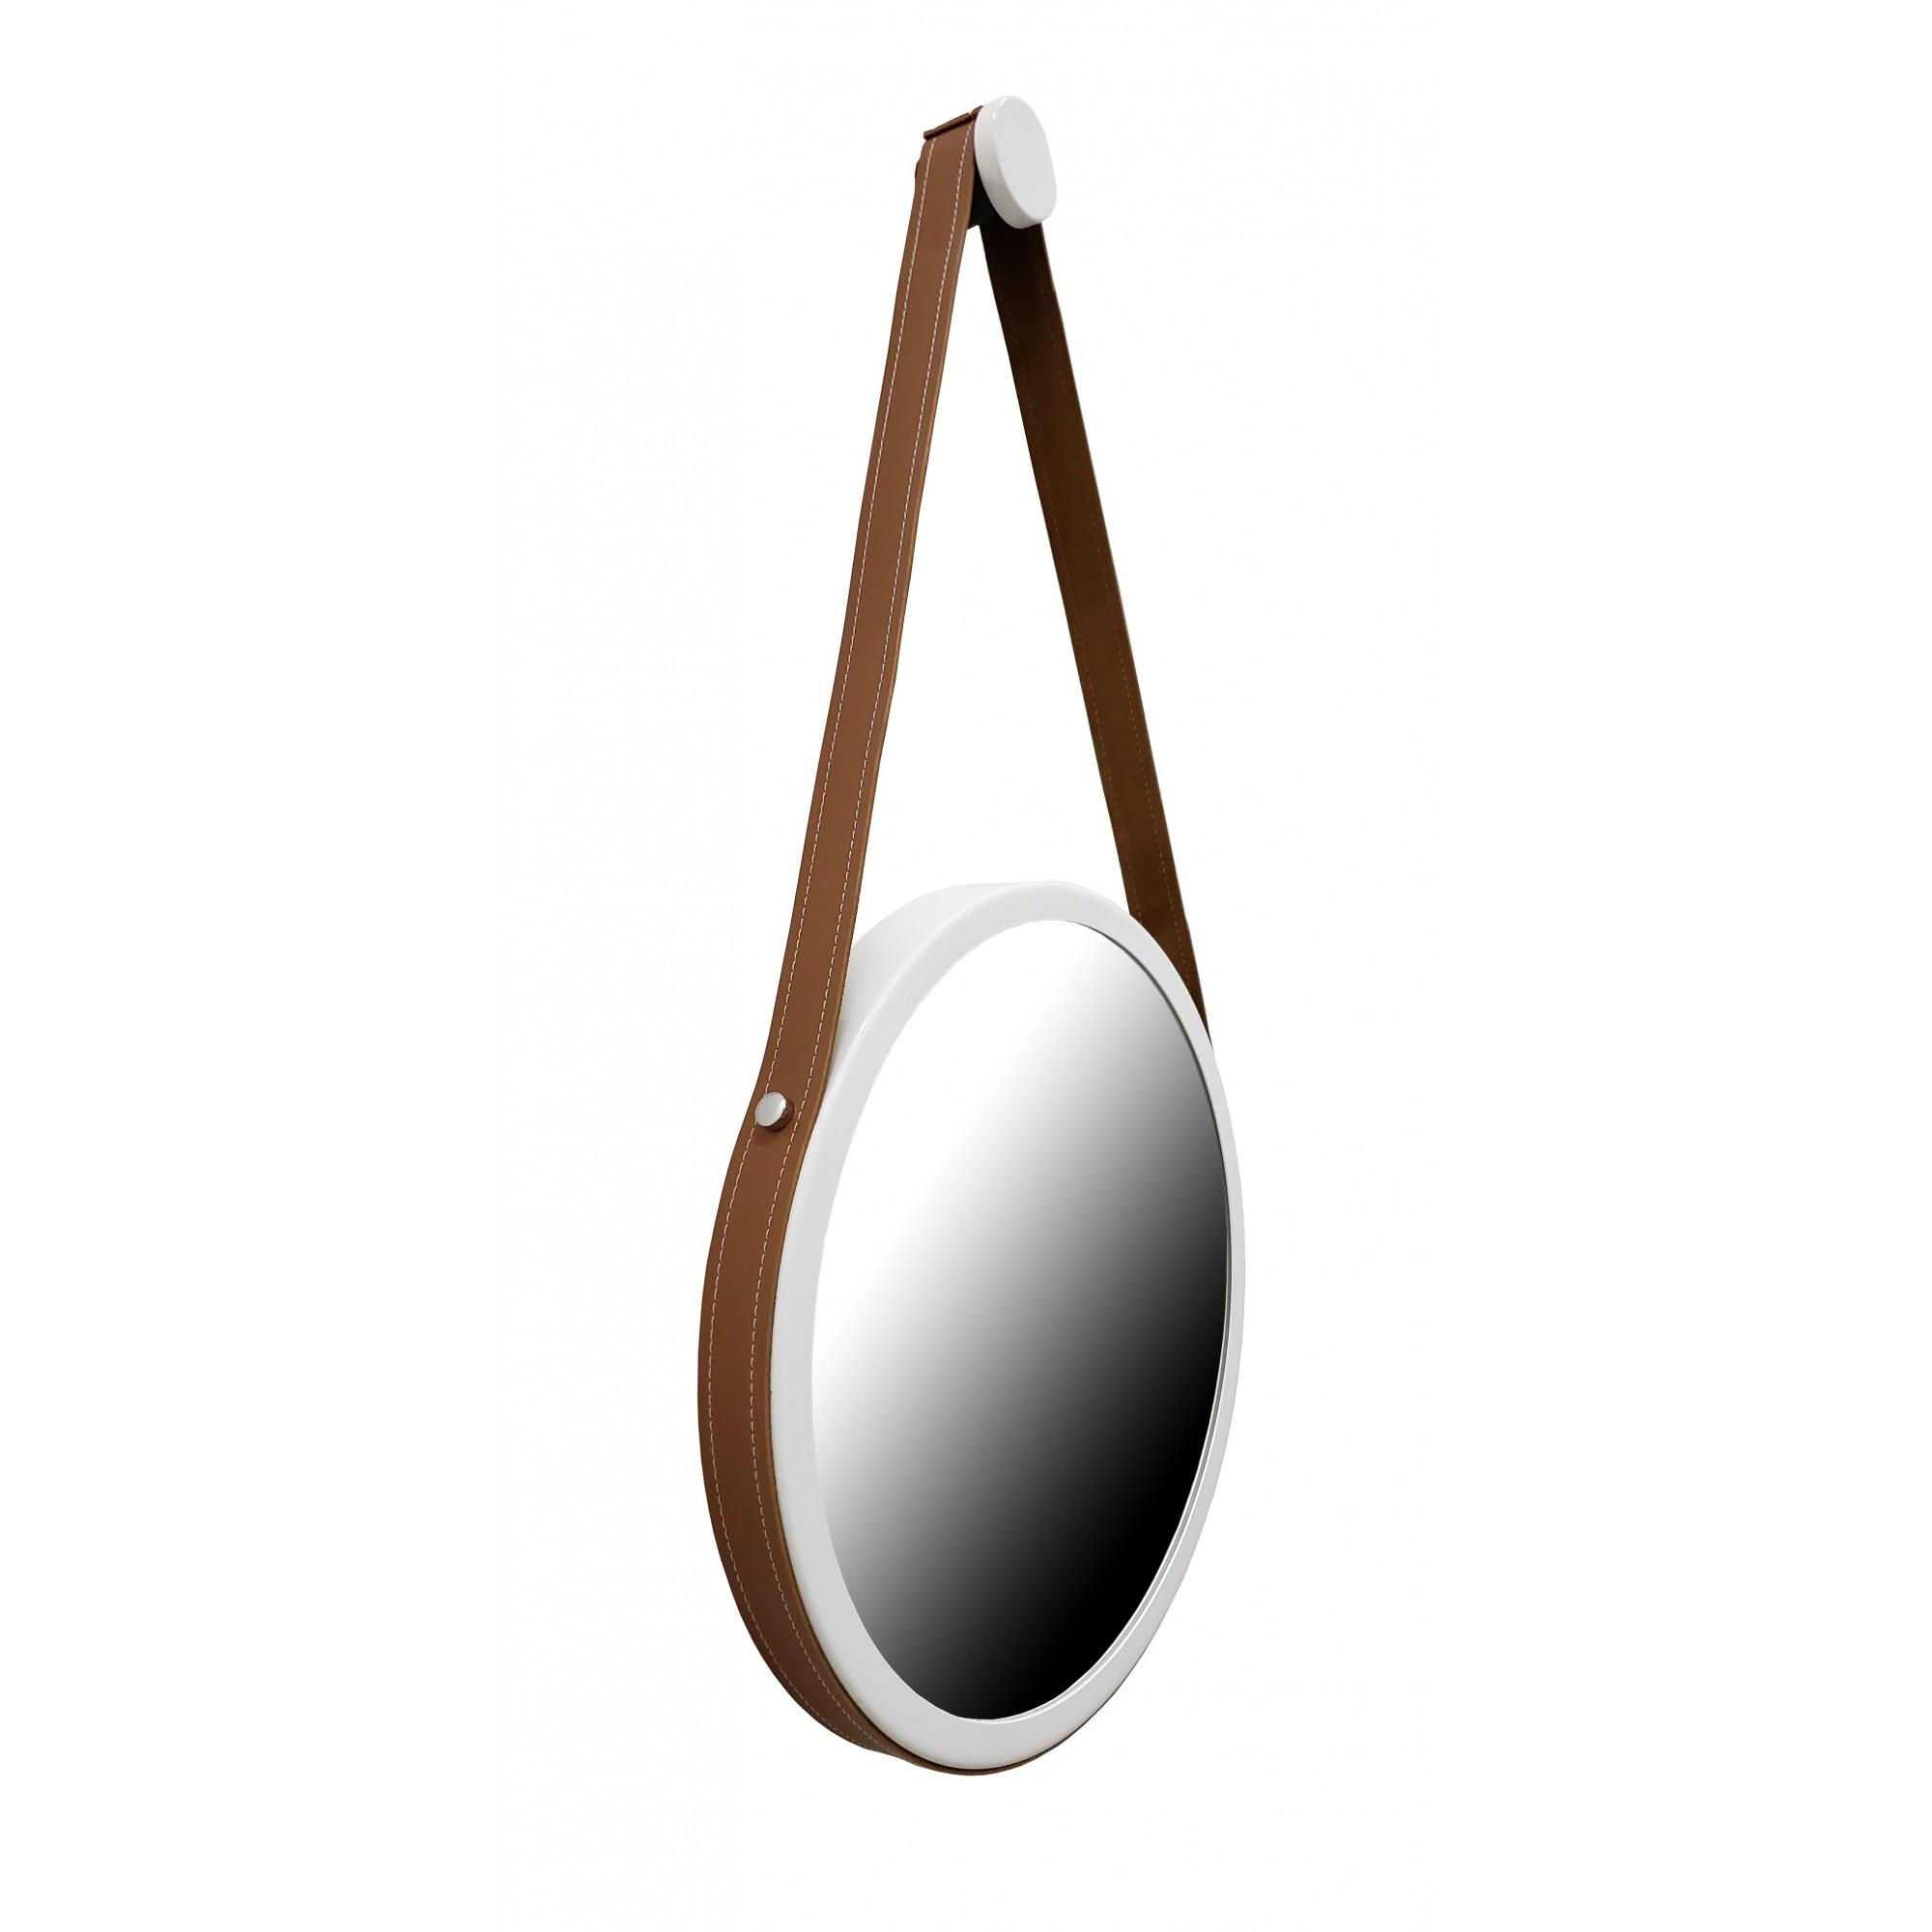 Espelho Adnet redondo Branco Com Alça Marrom